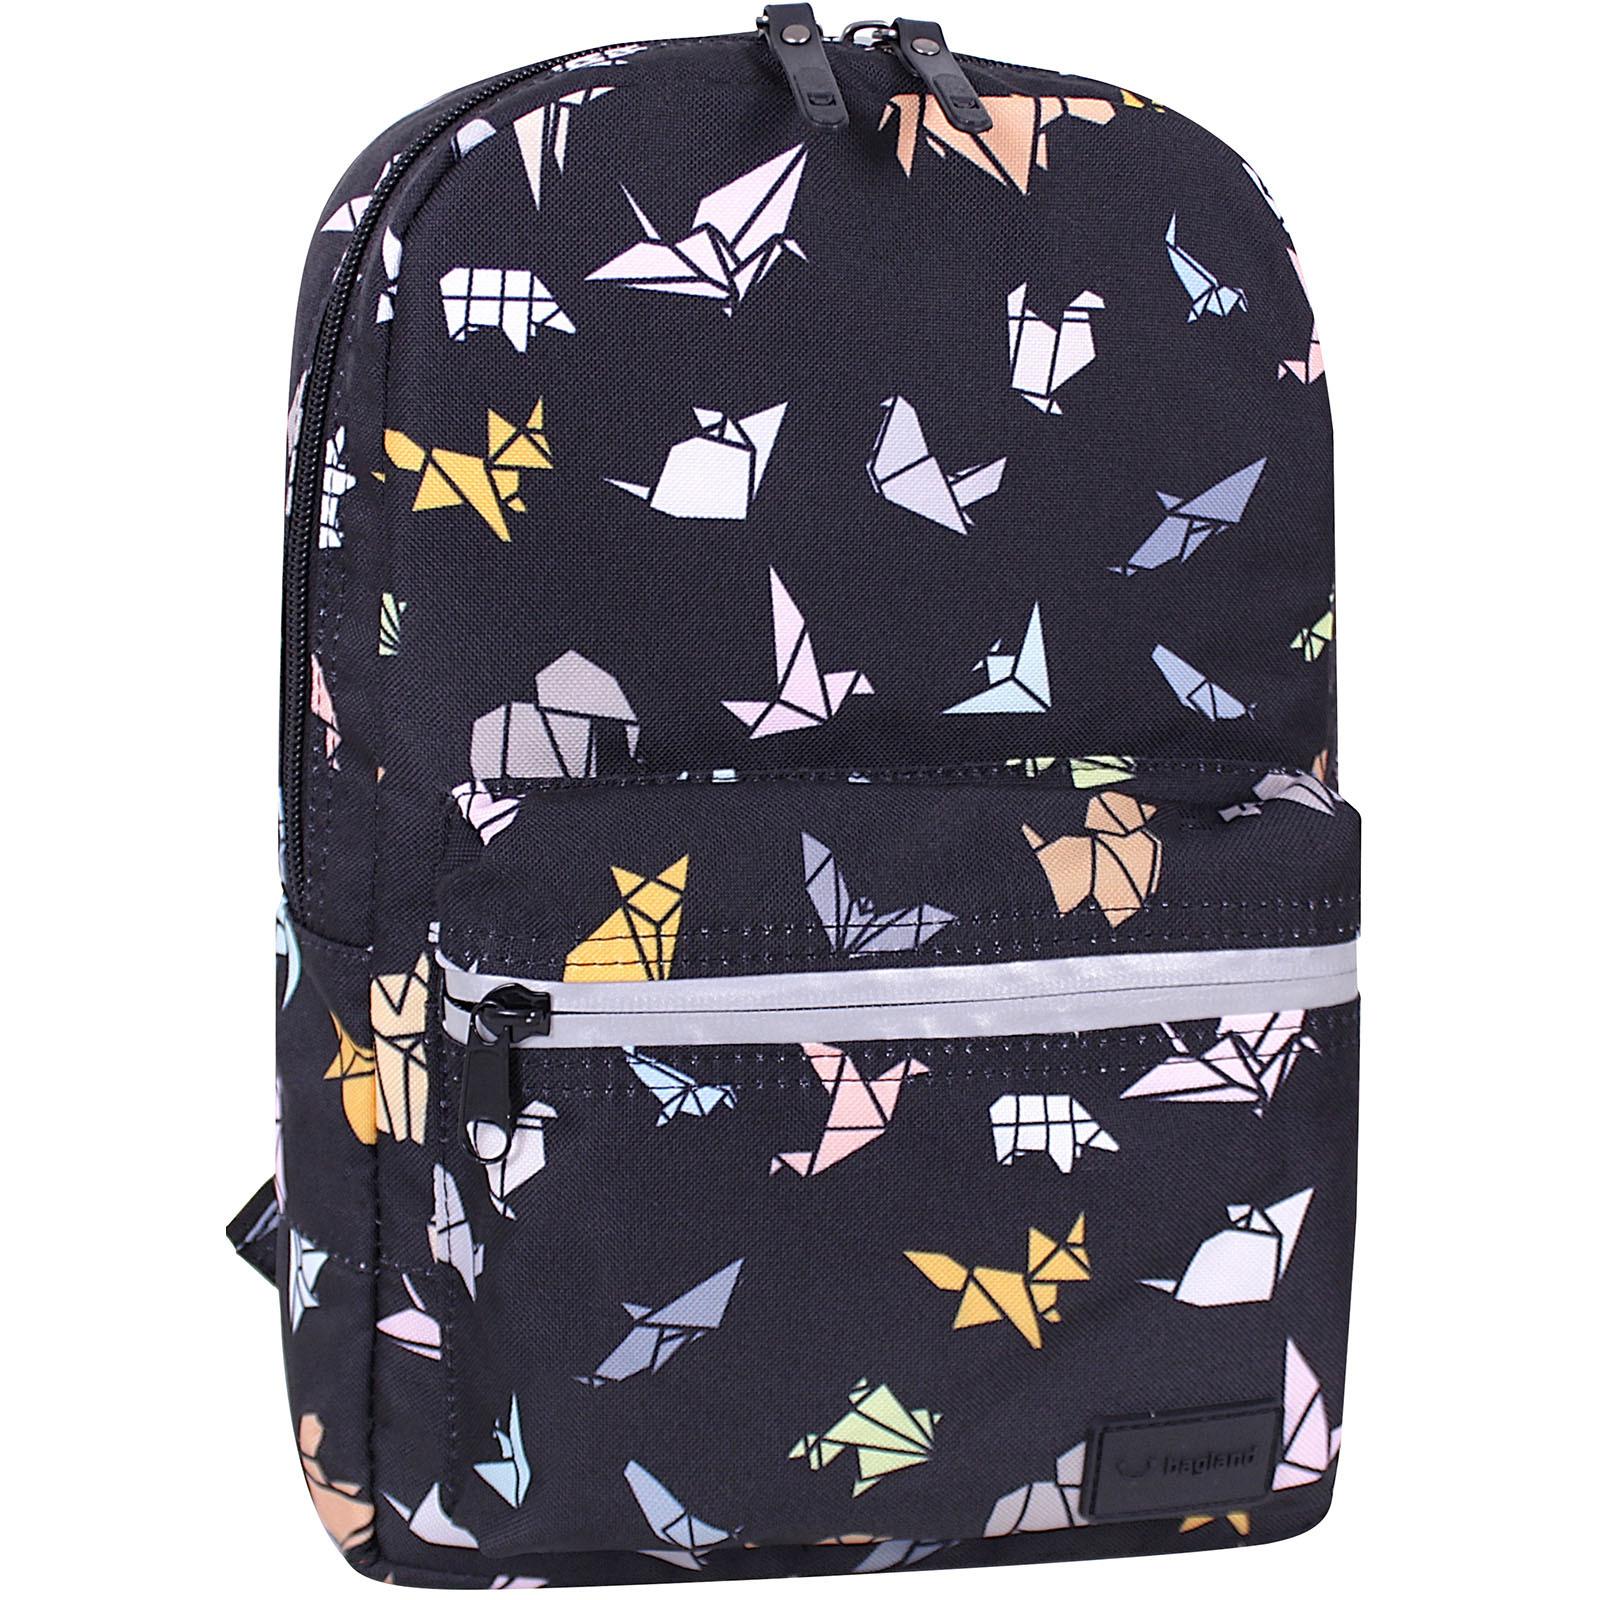 Детские рюкзаки Рюкзак Bagland Молодежный mini 8 л. сублимация 752 (00508664) IMG_1960суб.752.jpg